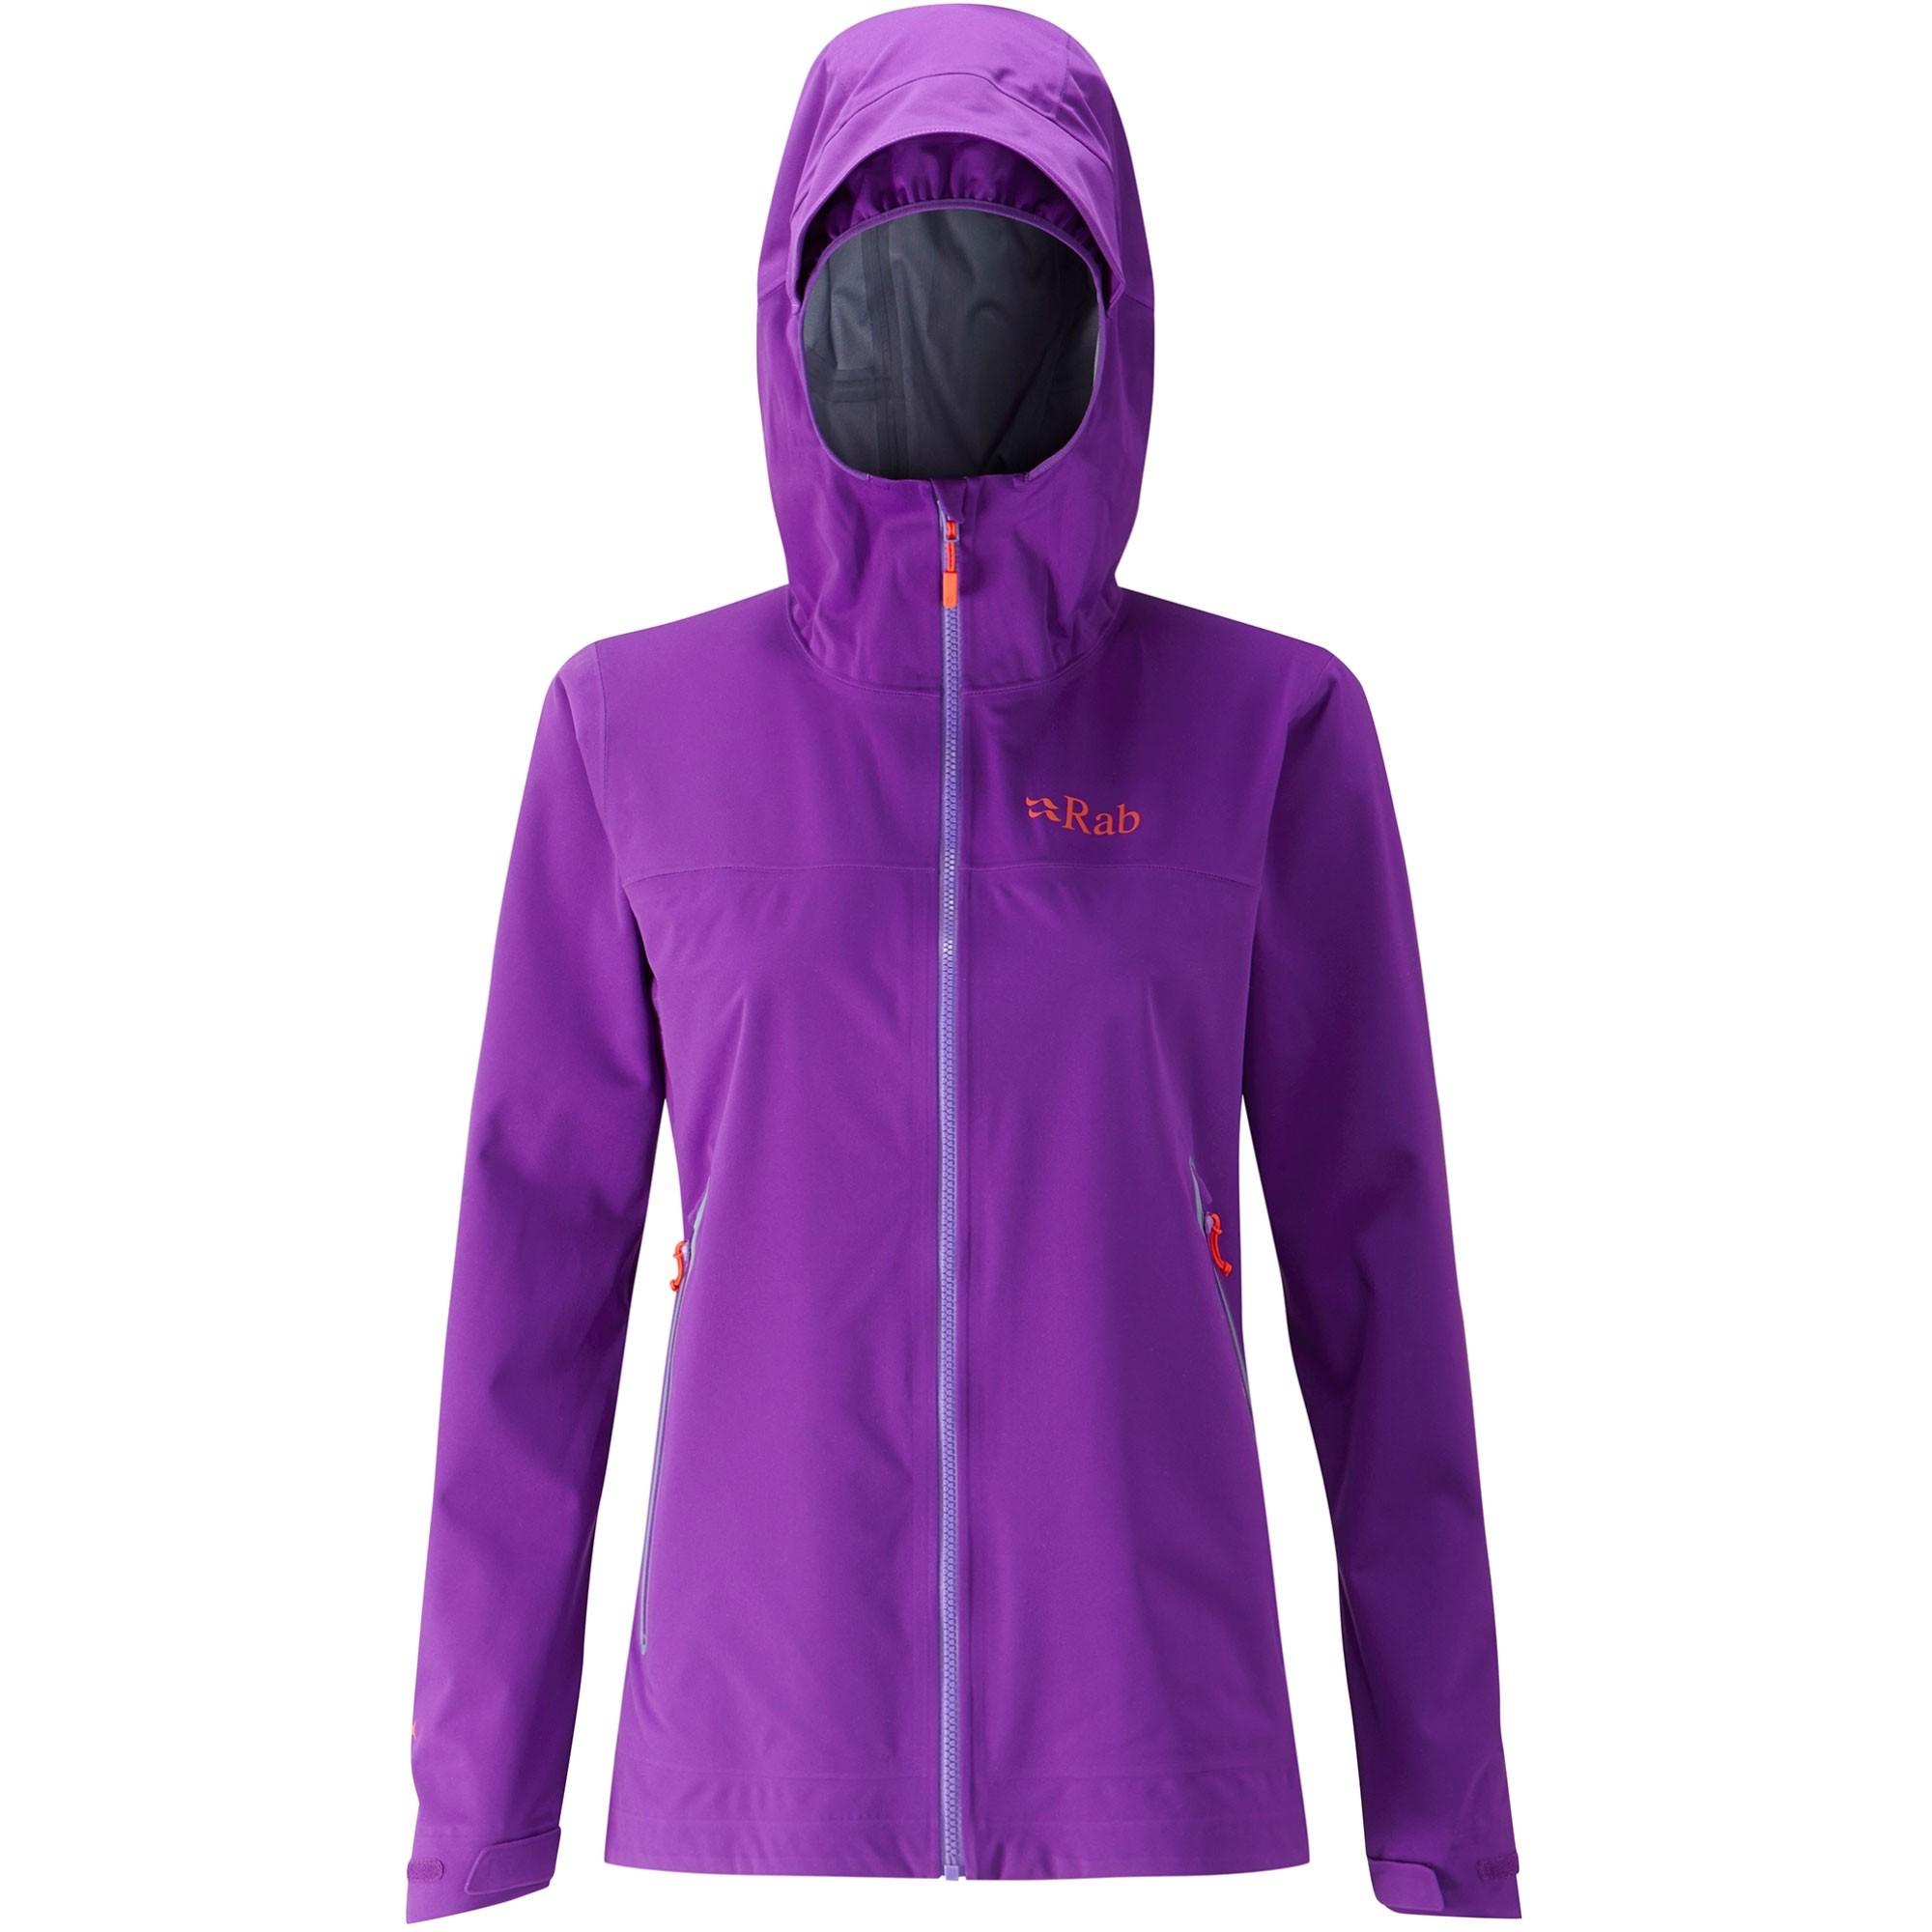 Rab Kinetic Plus Women's Waterproof Jacket - Nightshade